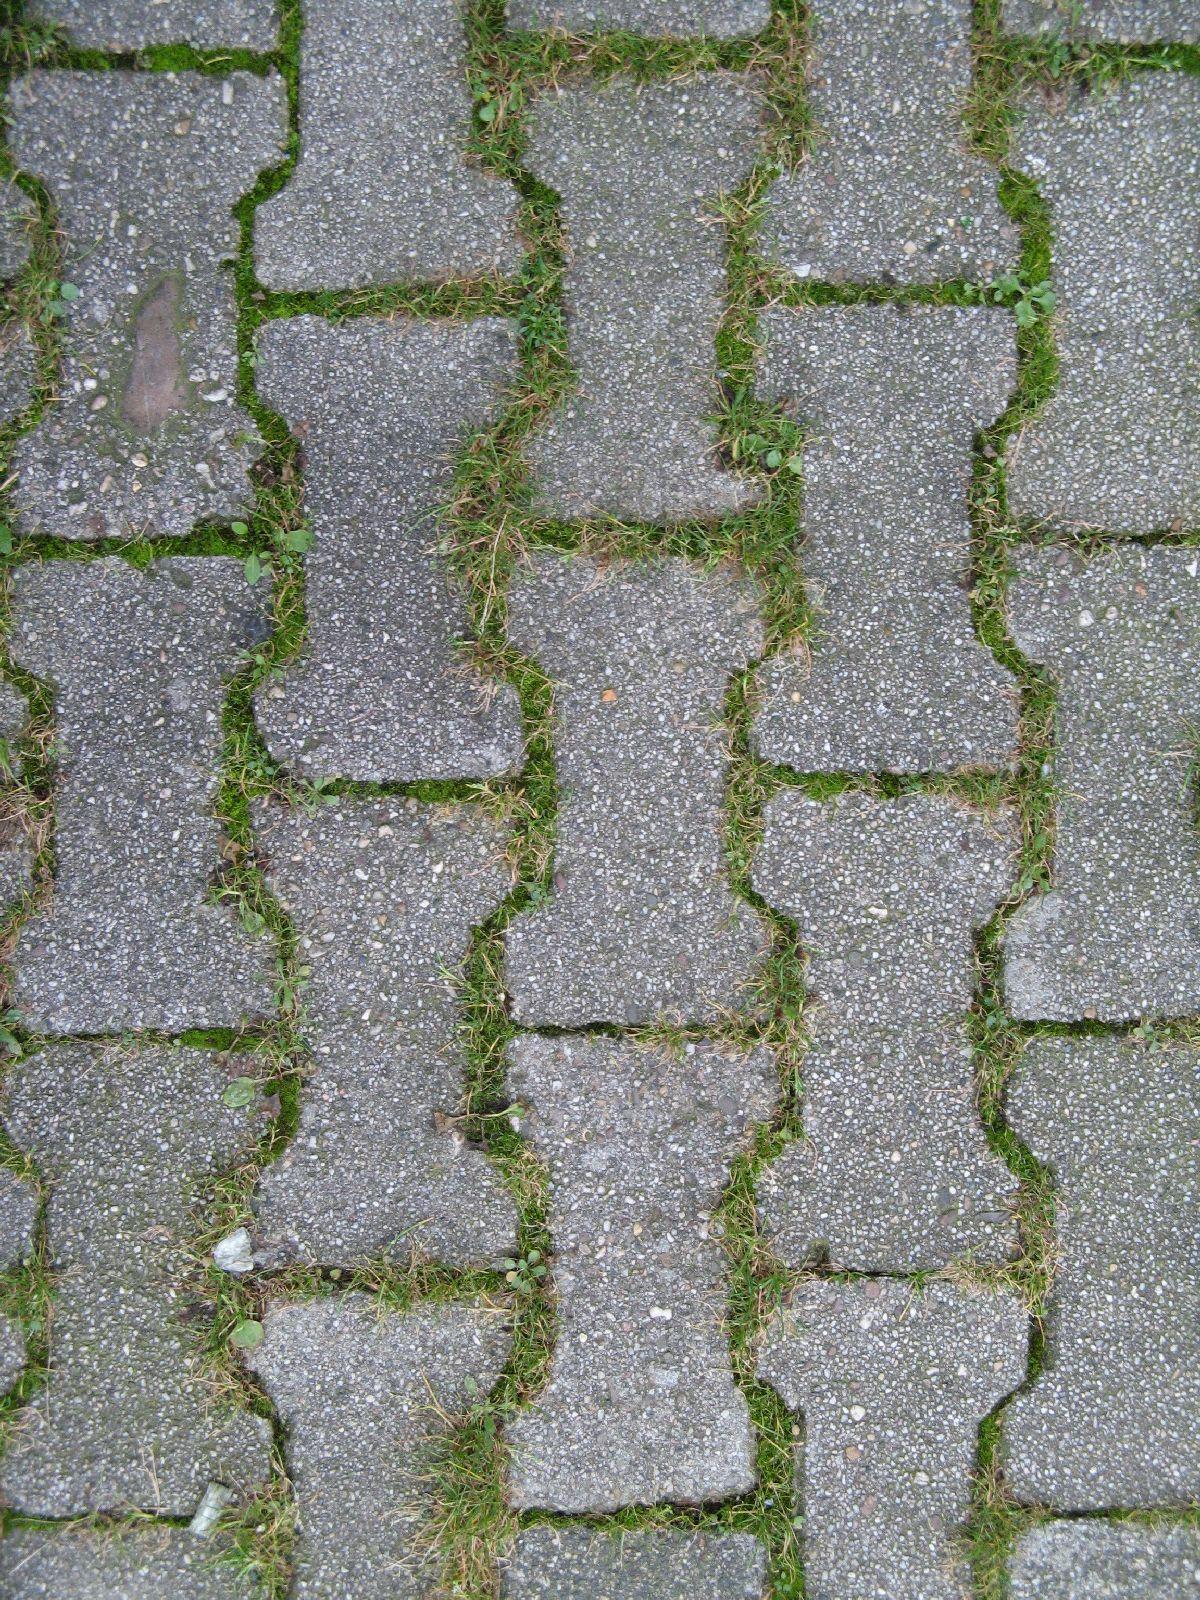 Boden-Gehweg-Strasse-Buergersteig-Textur_B_1561